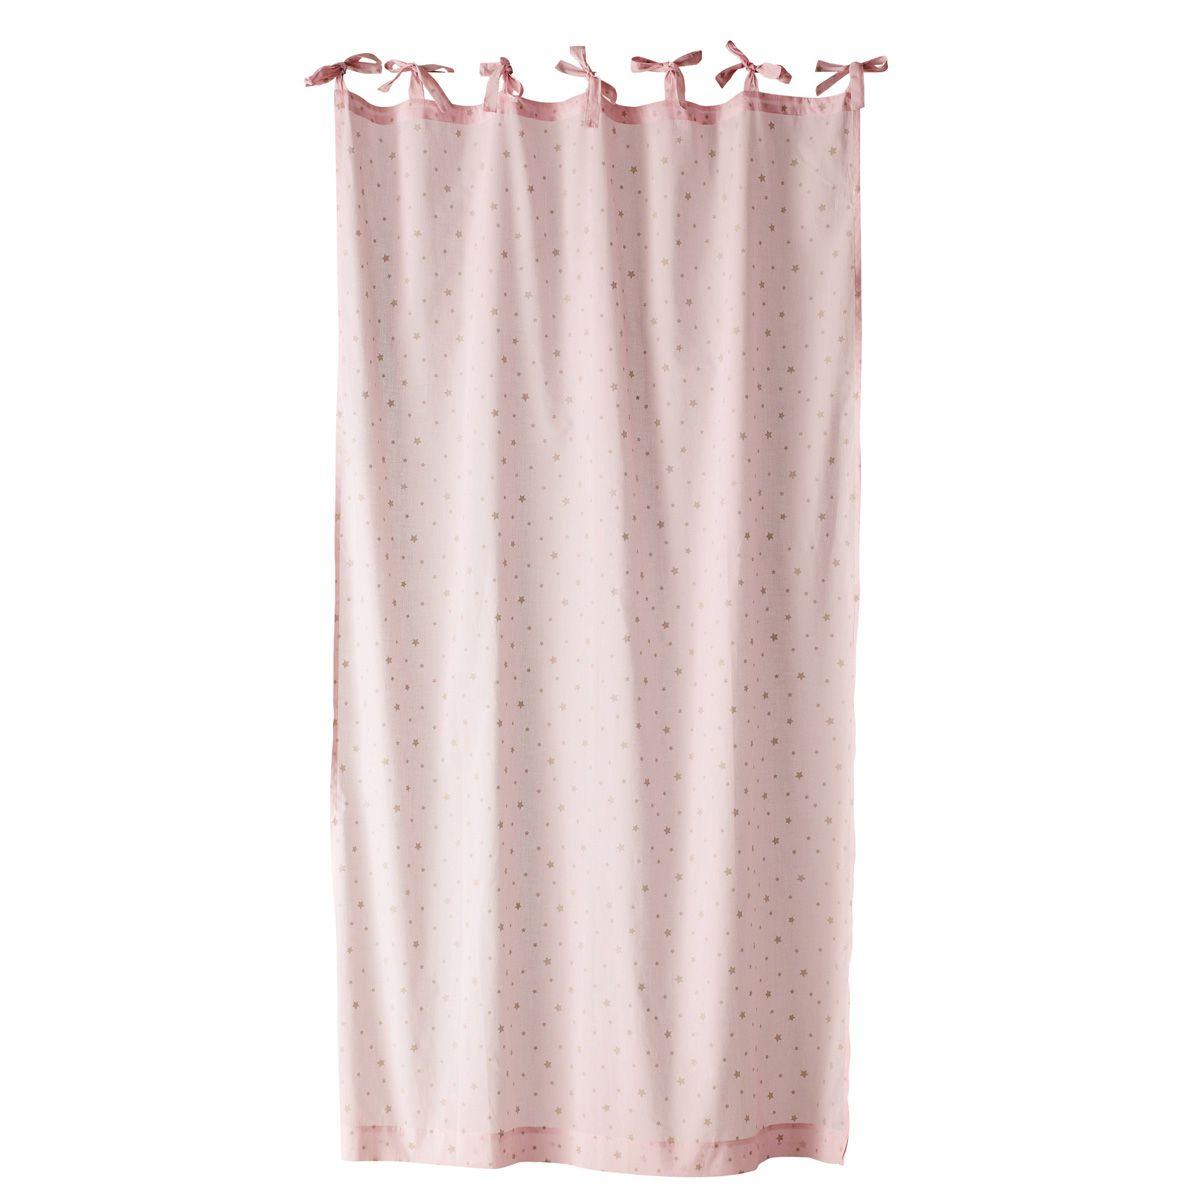 rideau rose etoile sur maisons du monde dcouvrez tous les meubles et objets de dcoration pour la chambre de vos enfants ou de bb sur maisons du monde - Rideau Chambre Bebe Etoile